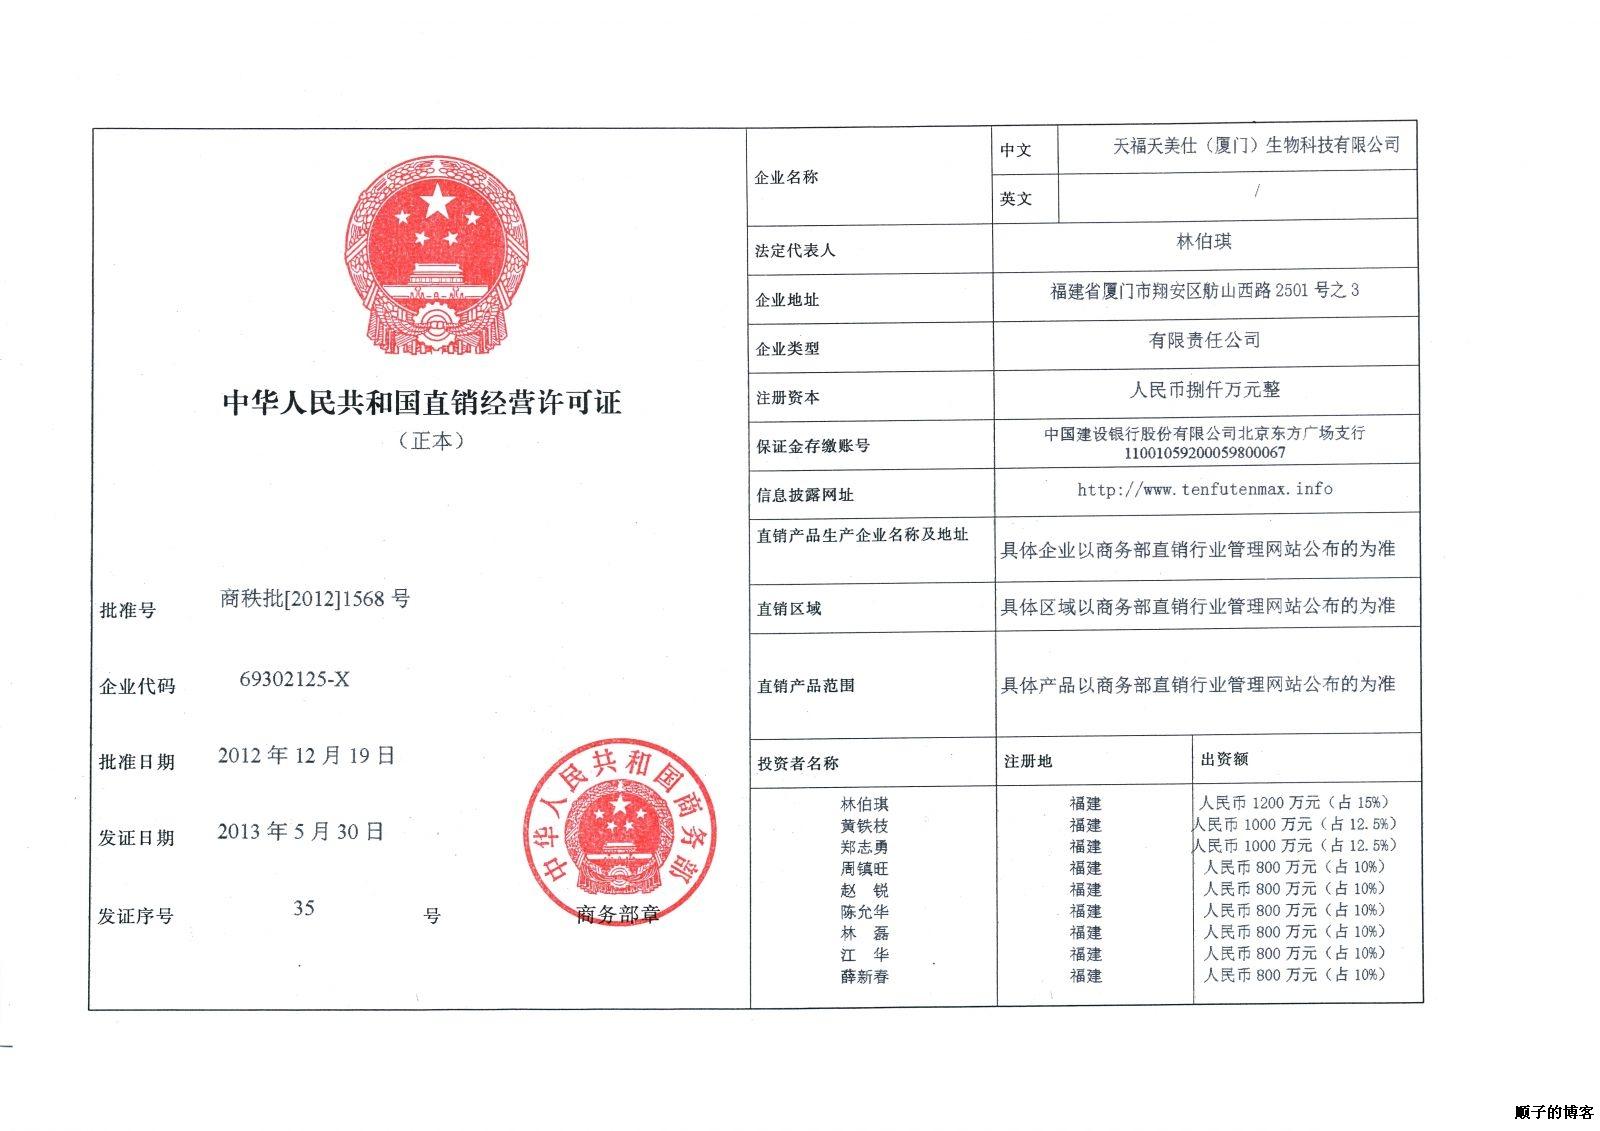 郑州天福天美仕网络营销团队联系方式